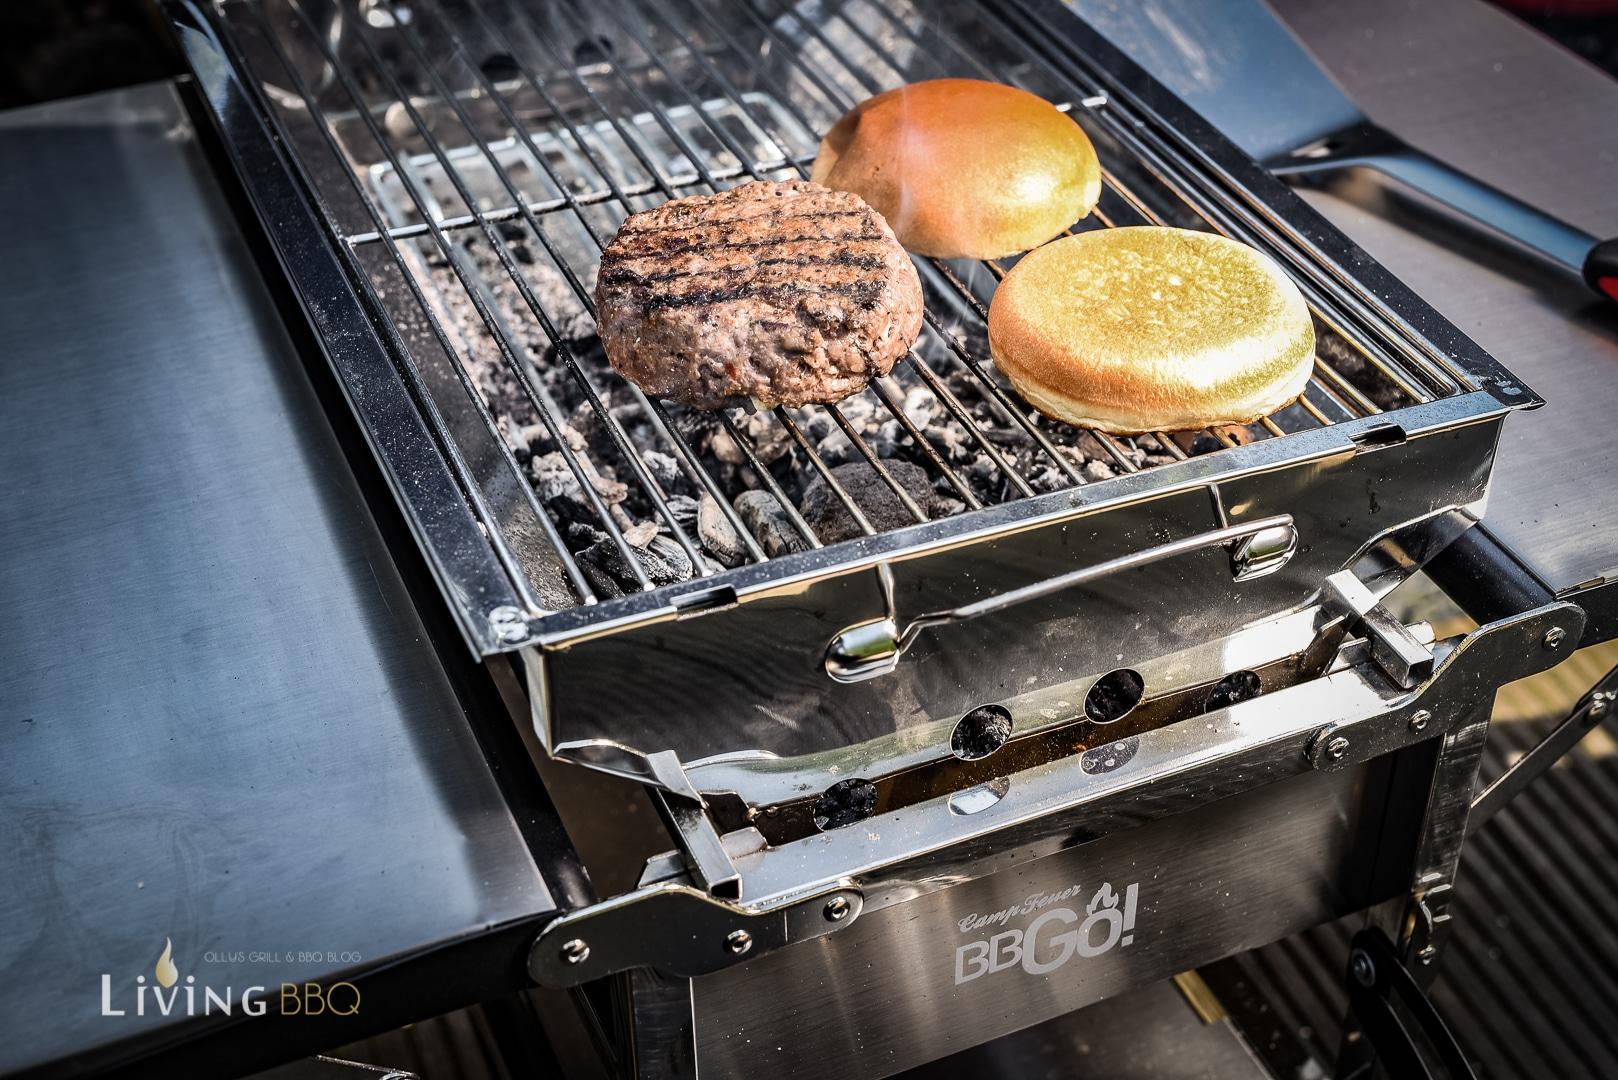 Burgerpatty auf Holzkohlegrill zubereiten _Camp Feuer BBGo 29 von 36